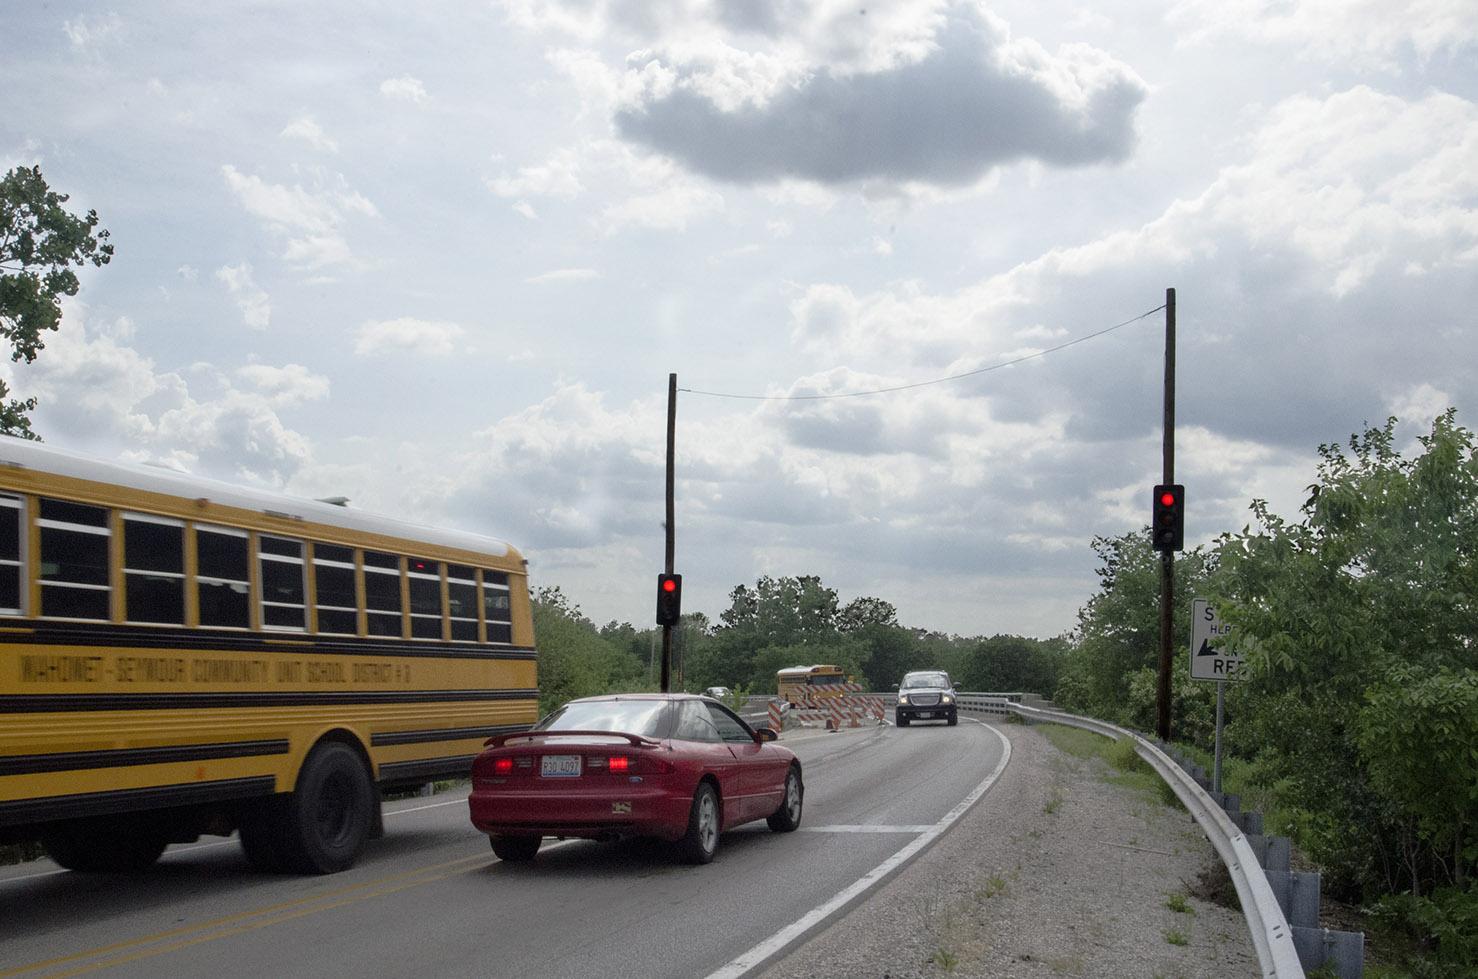 Photo of school bus on bridge